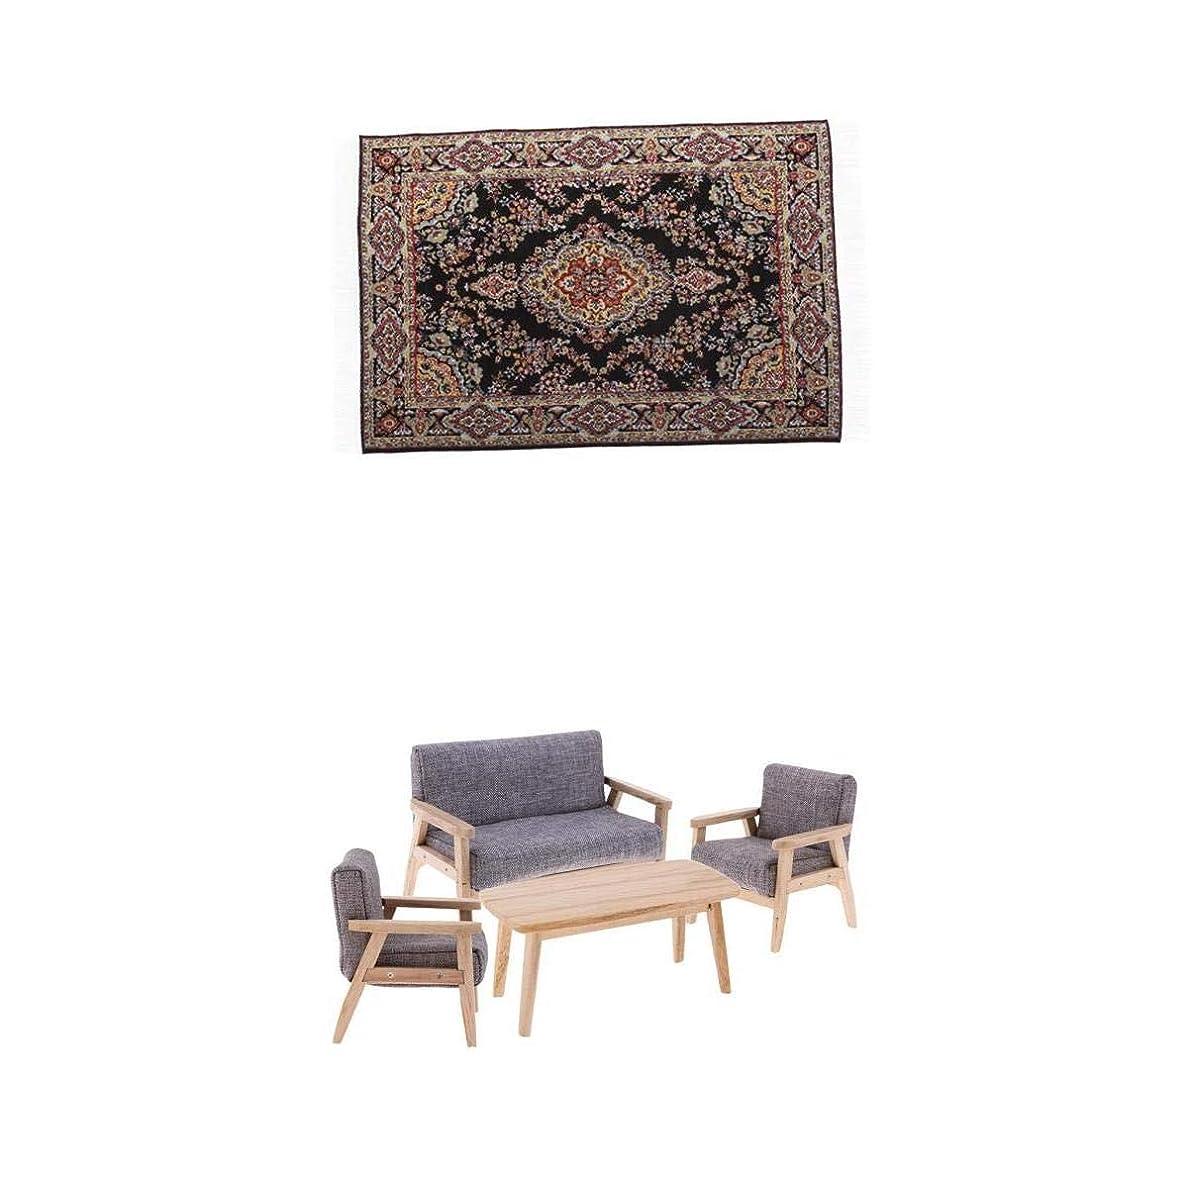 そう光景浜辺Sharplace 家具モデル エンドテーブル ソファー チェア カーペット 1/12ドールハウス用 ミニチュア 装飾 5個入